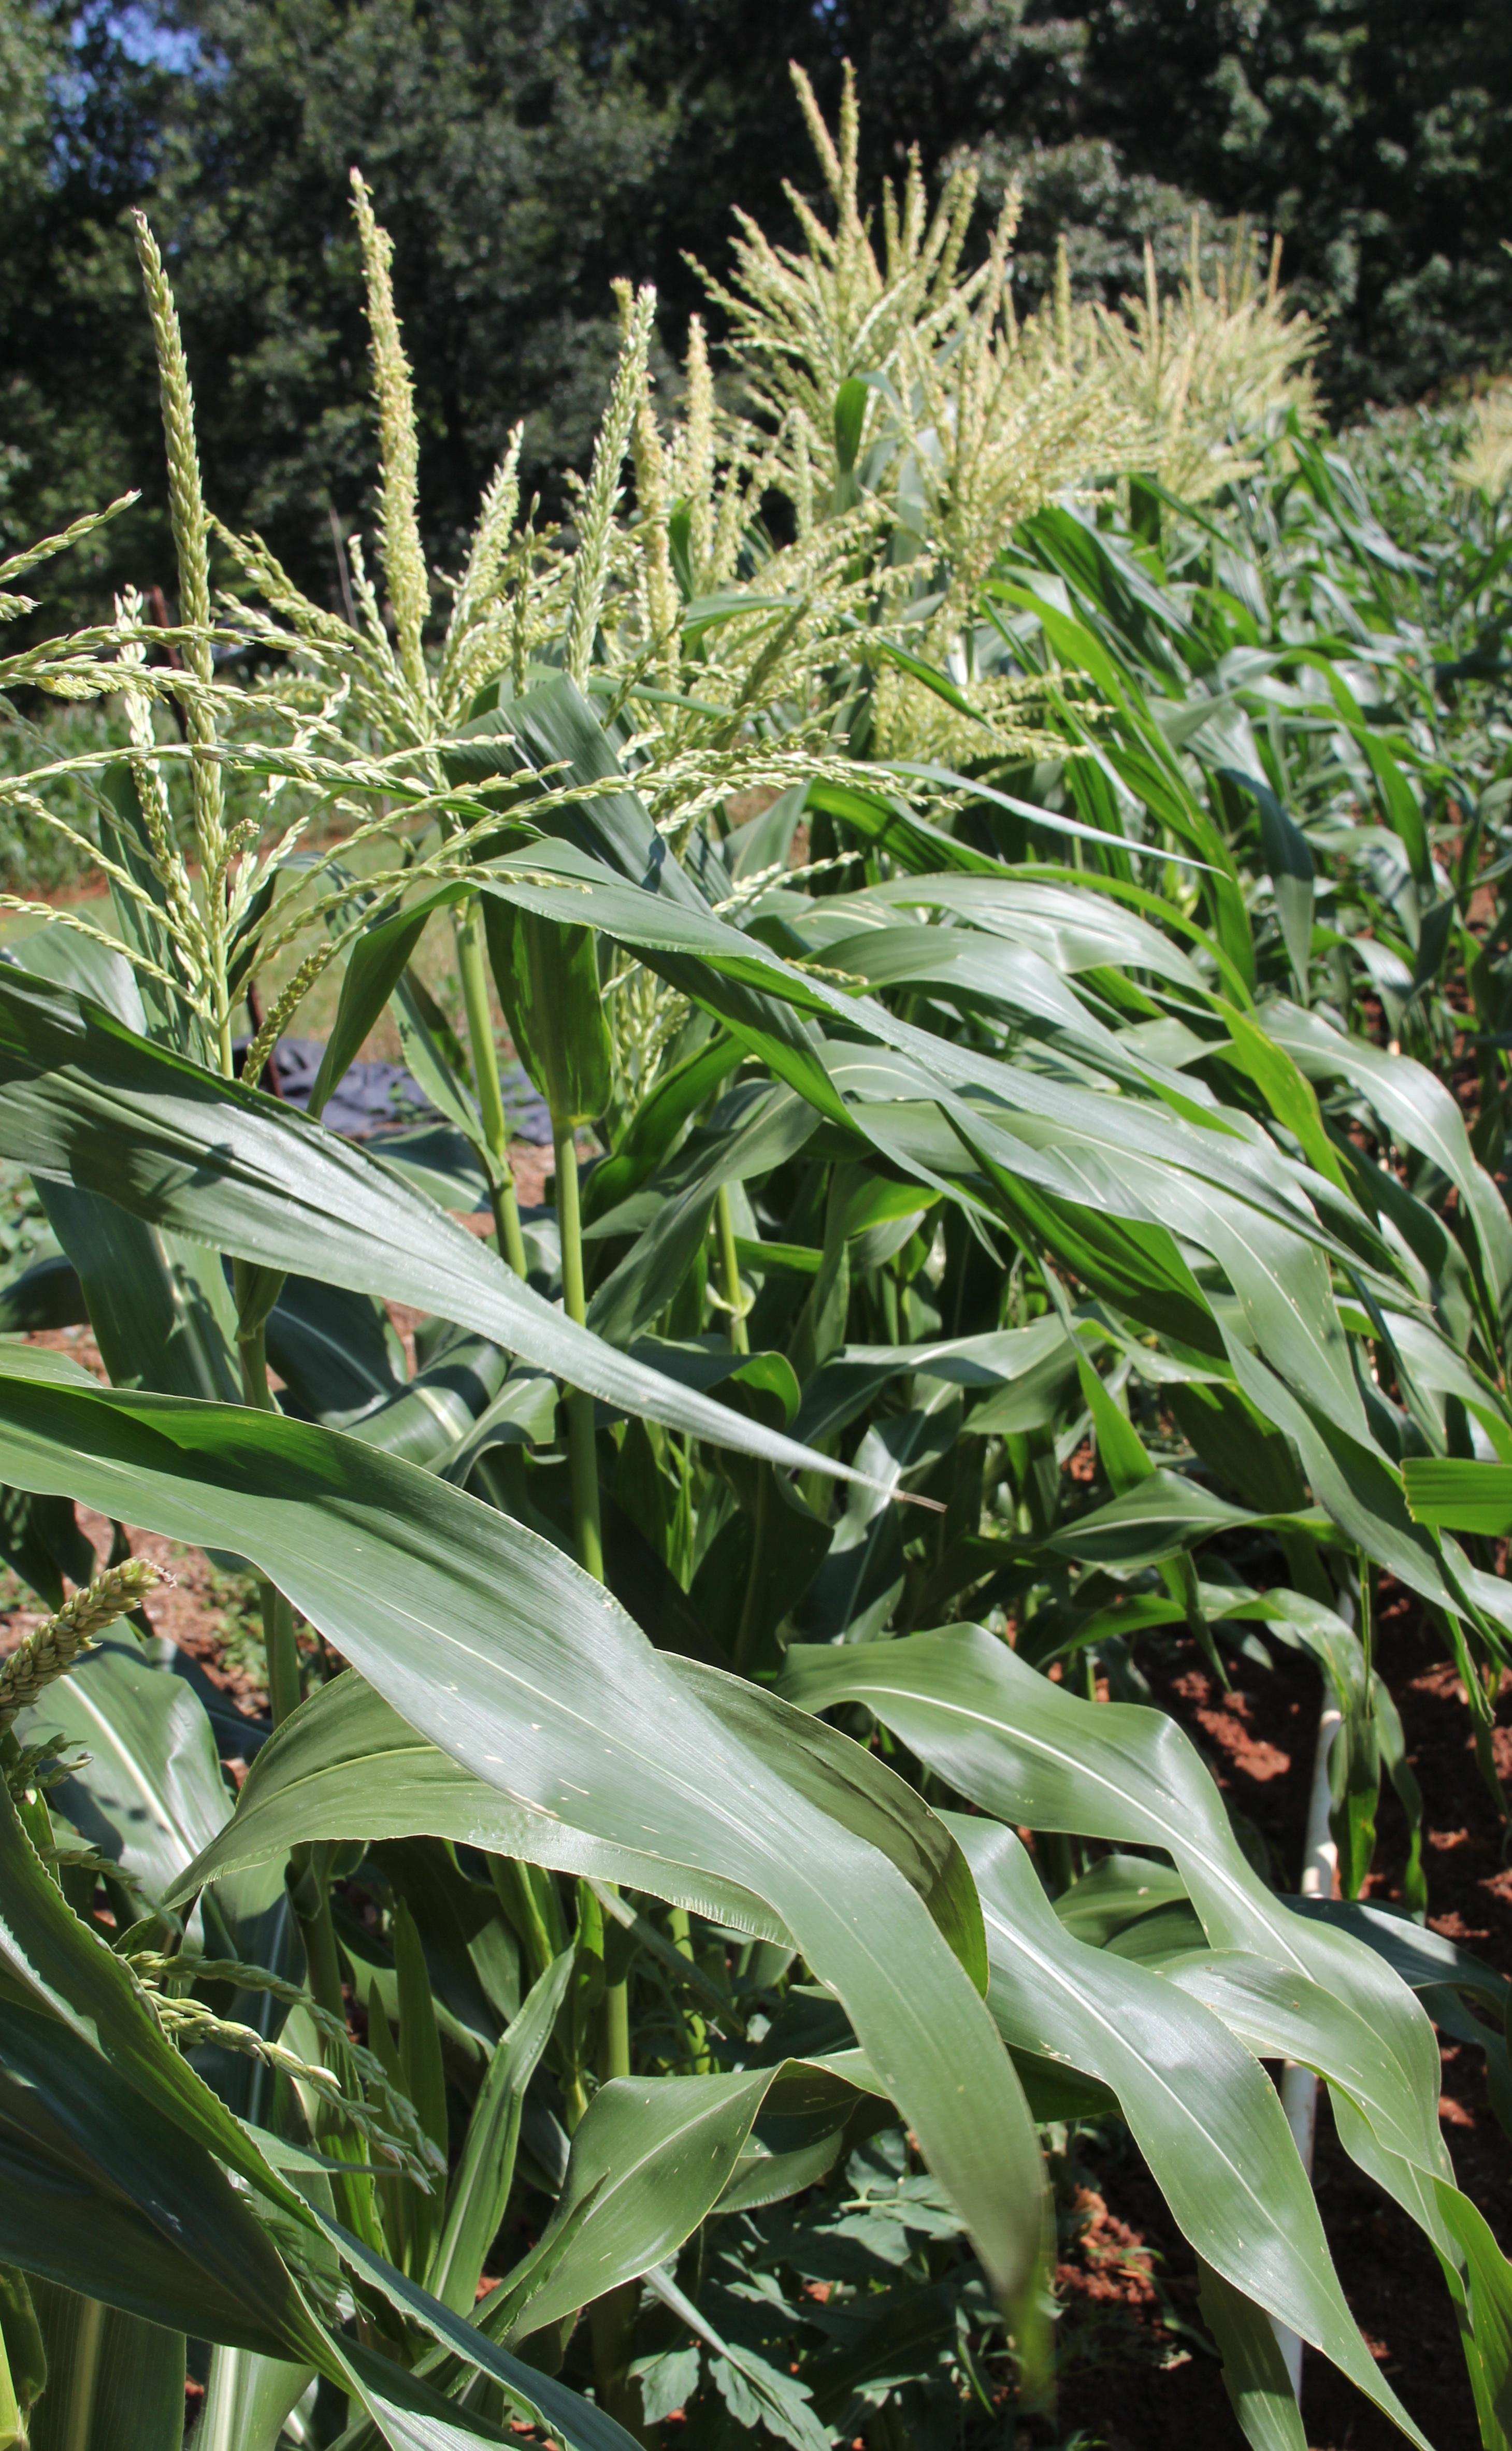 Corn tassels stretch toward the sun in a Spalding County, Ga., garden.